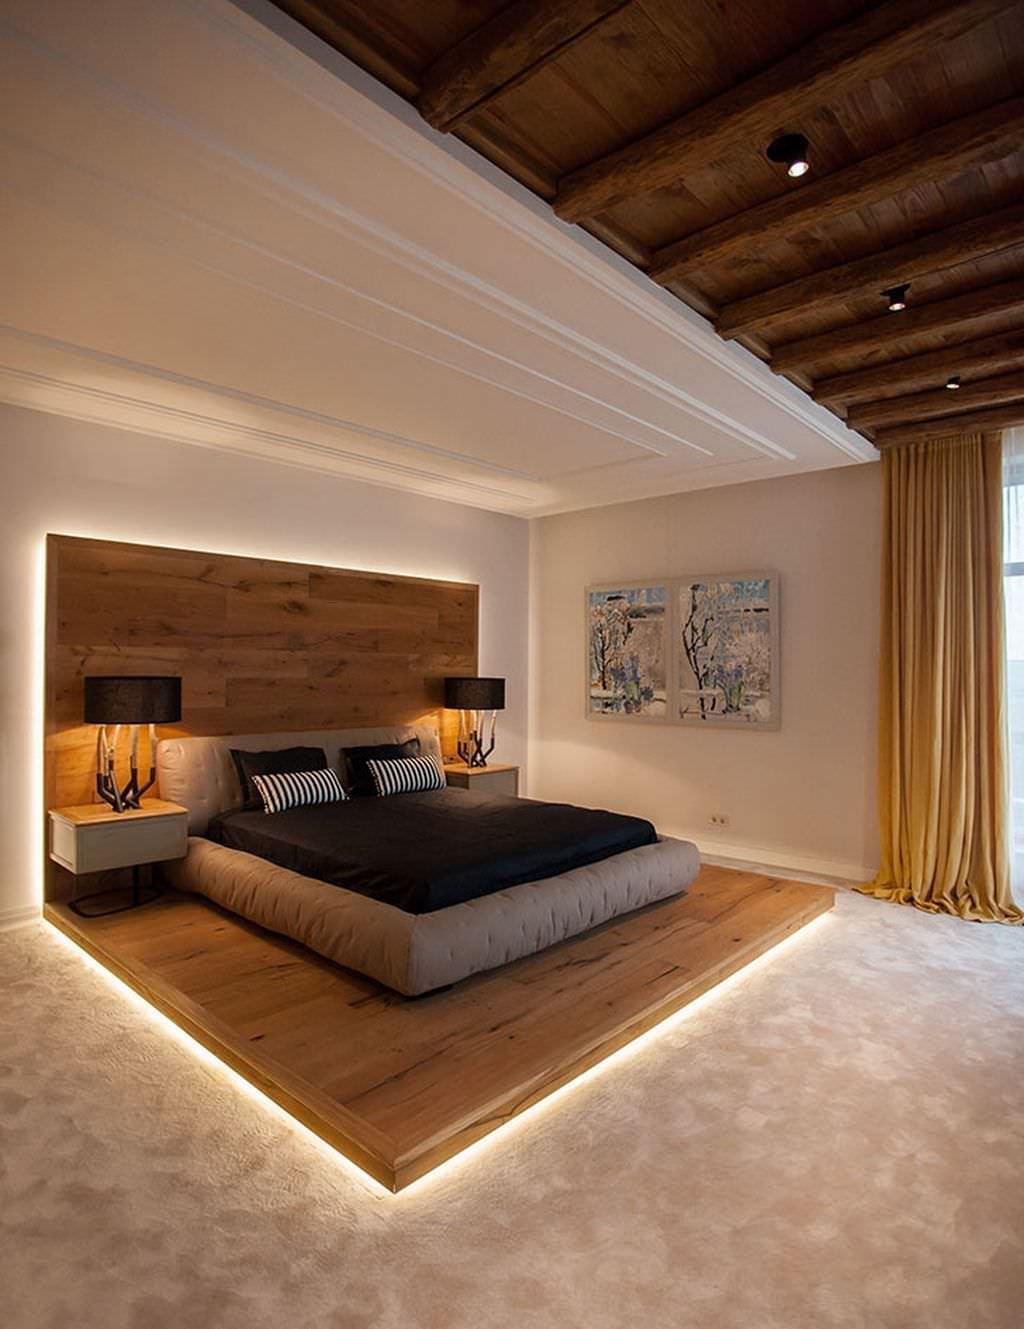 Camera Da Letto Giapponese 100 idee camere da letto moderne • colori, illuminazione